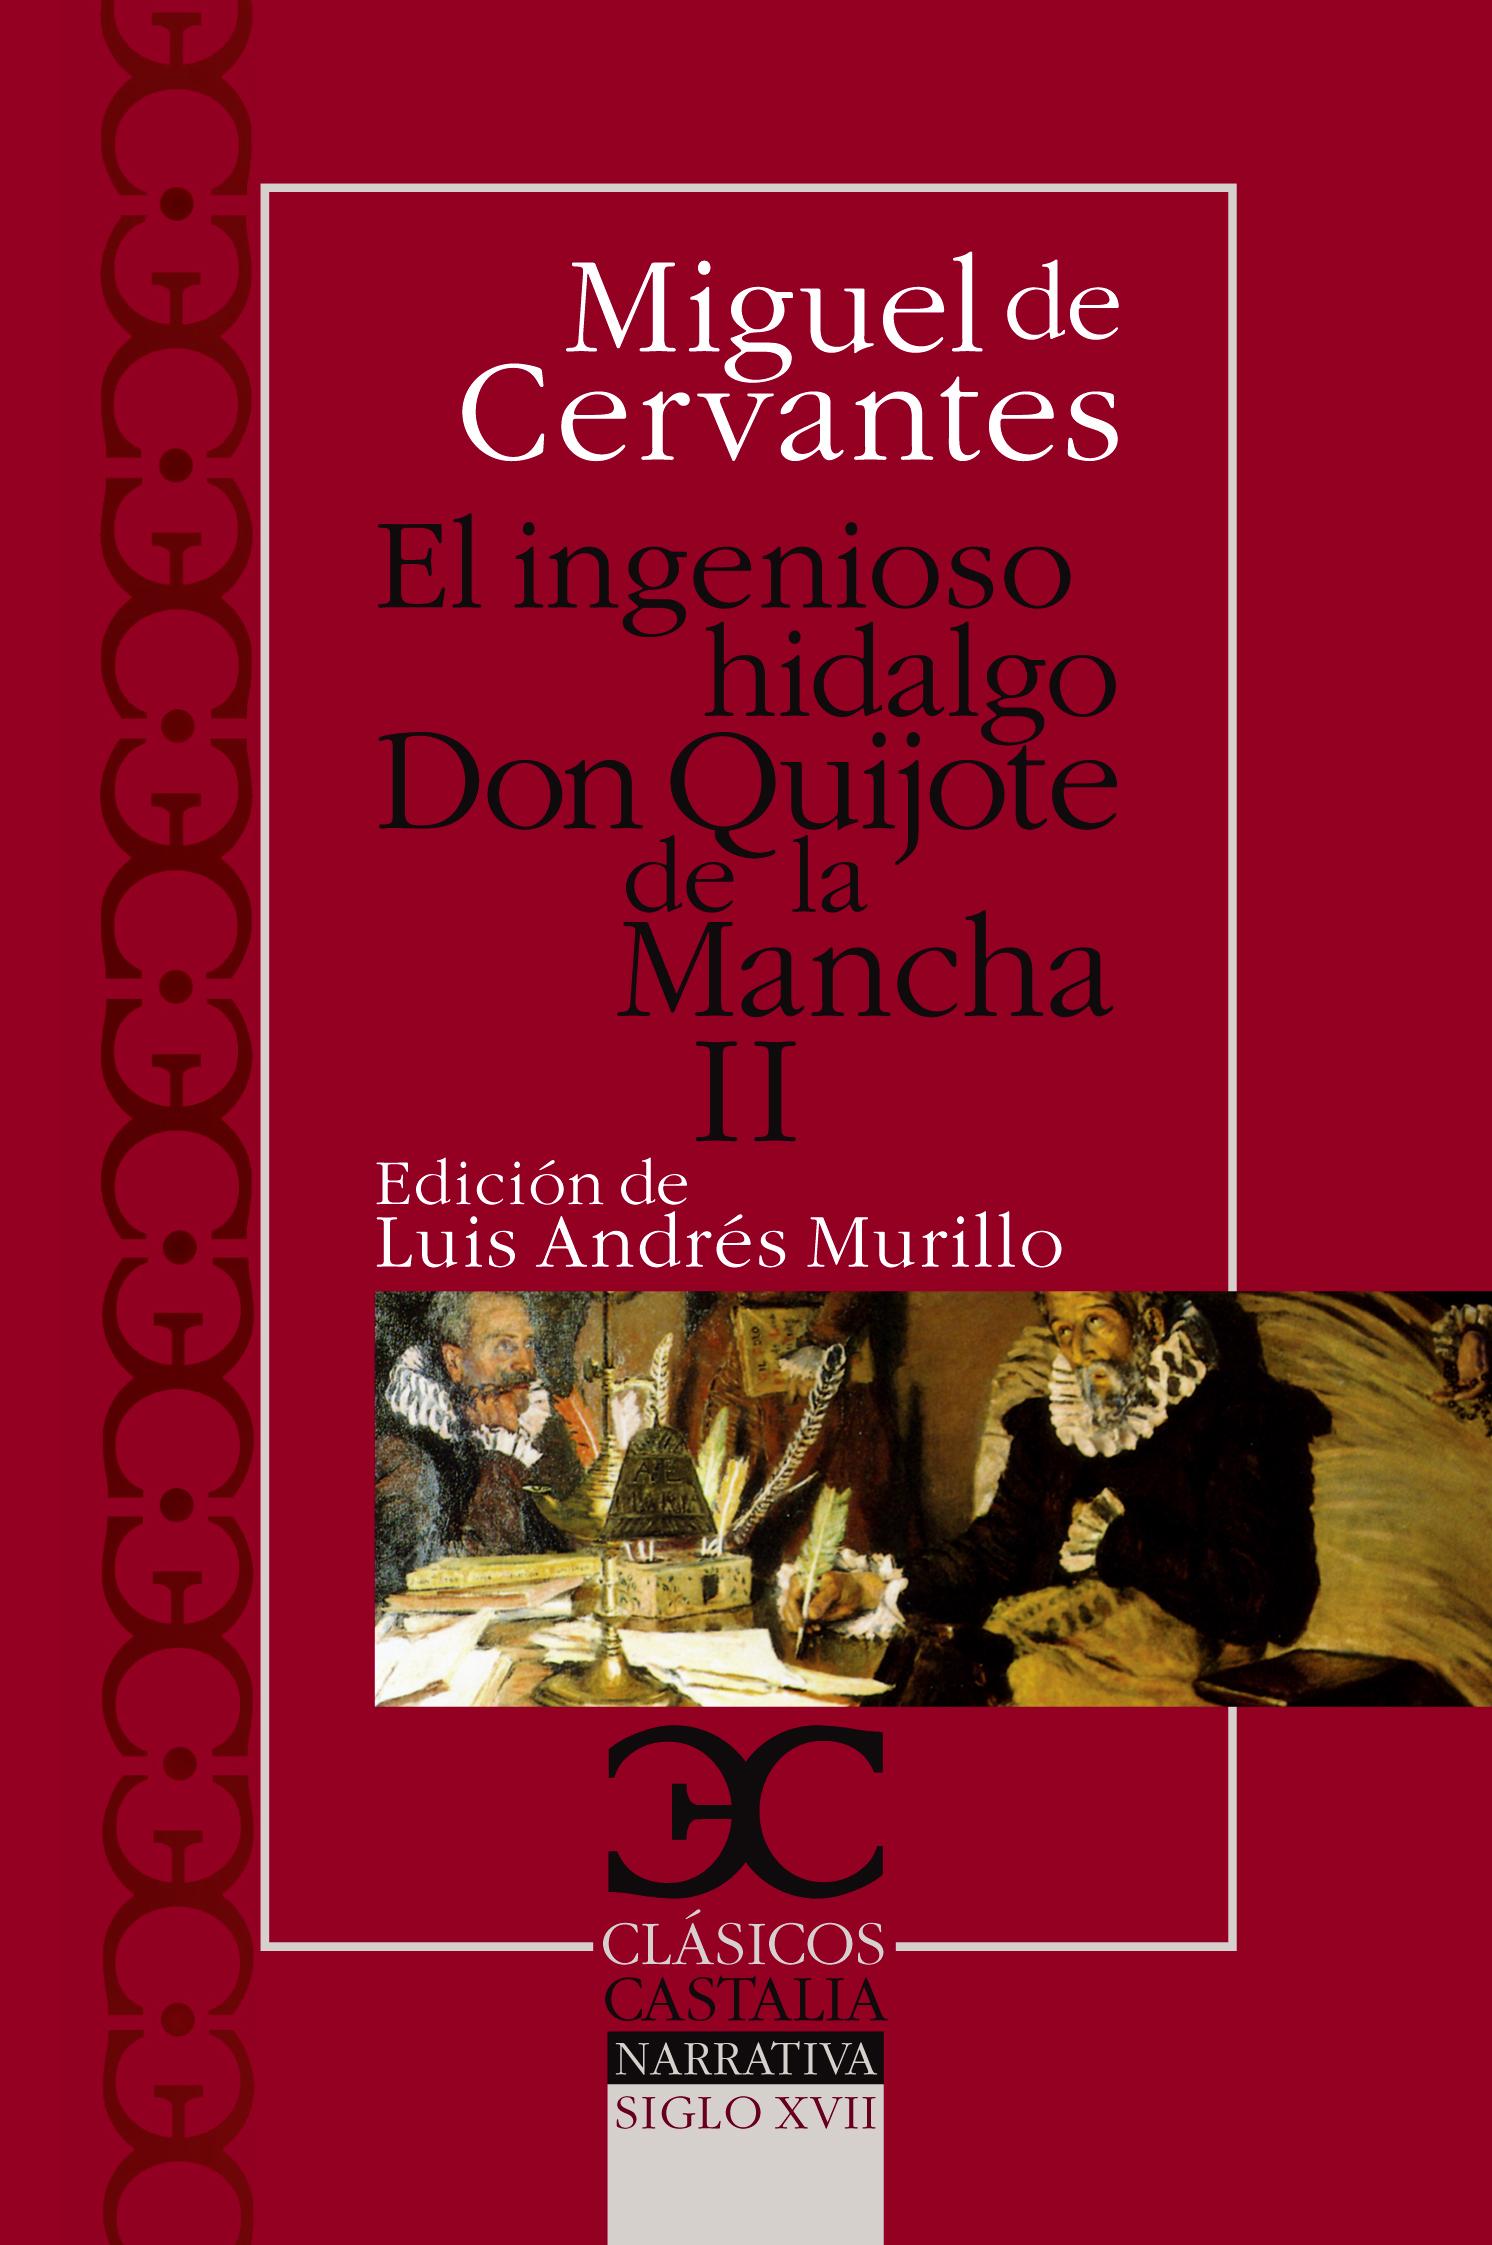 El ingenioso hidalgo Don Quijote de la Mancha (II)